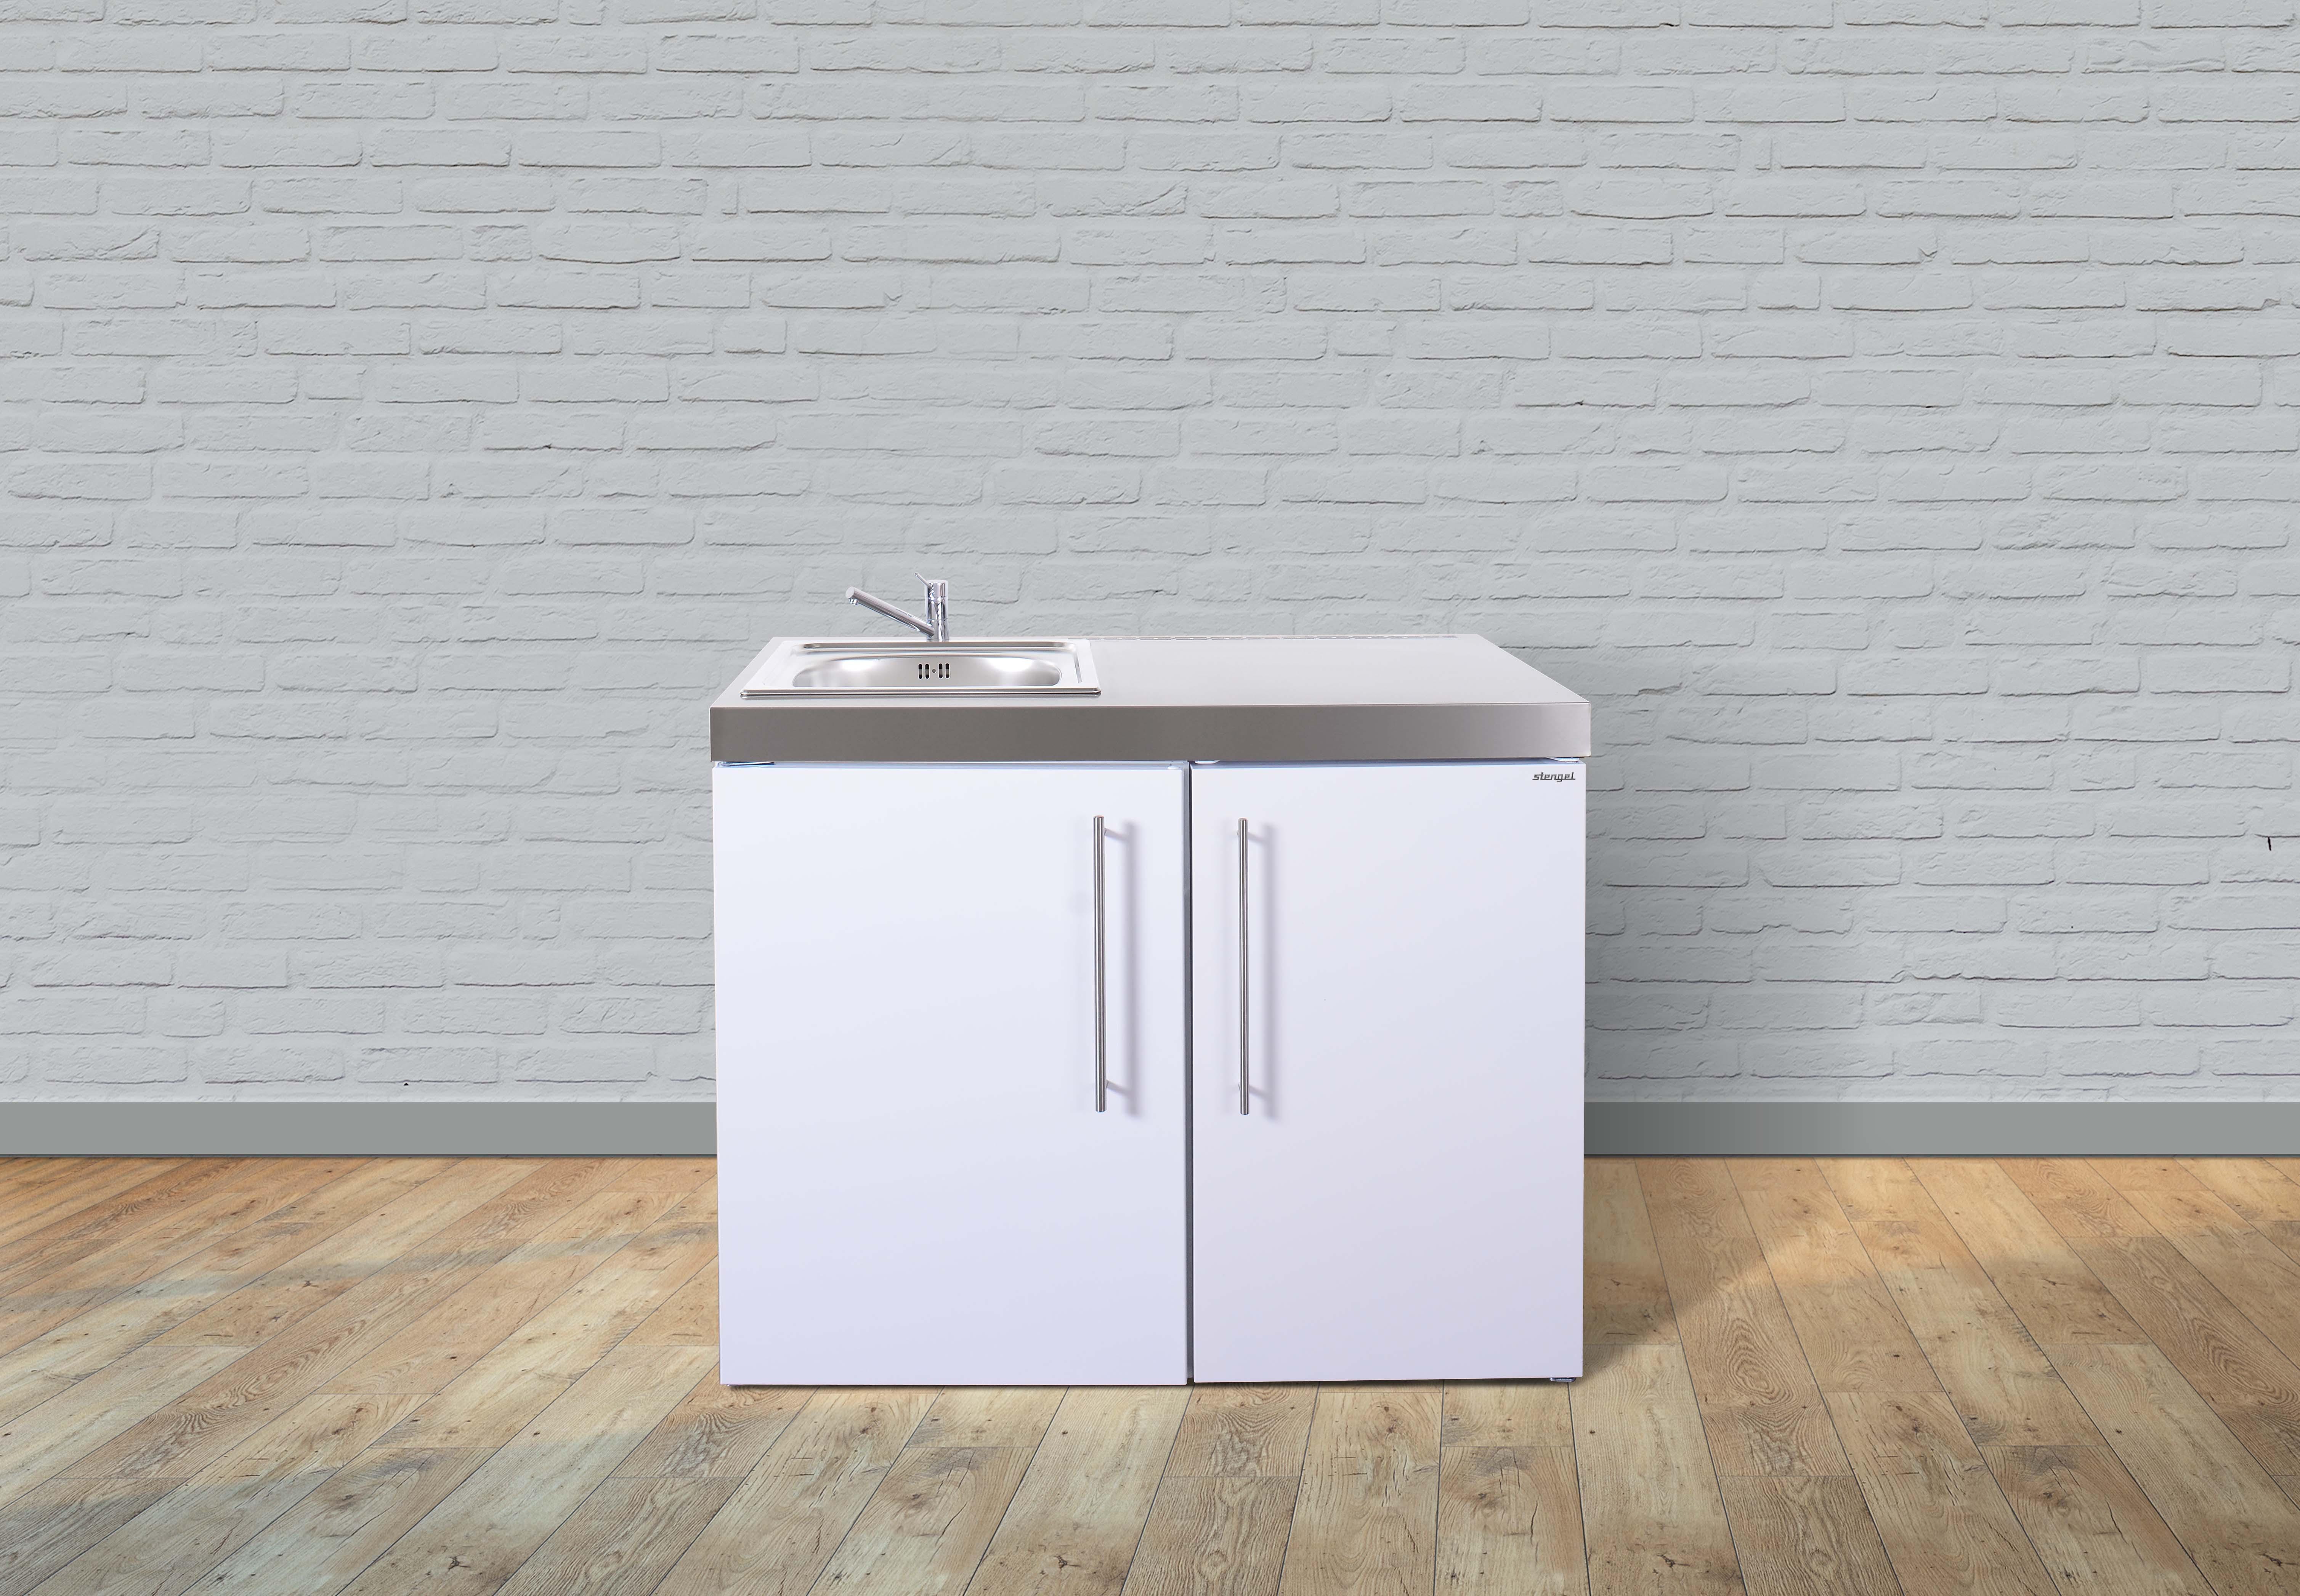 Miniküche Ohne Kühlschrank Gebraucht : Miniküchen singleküchen günstig kaufen miniküchen online